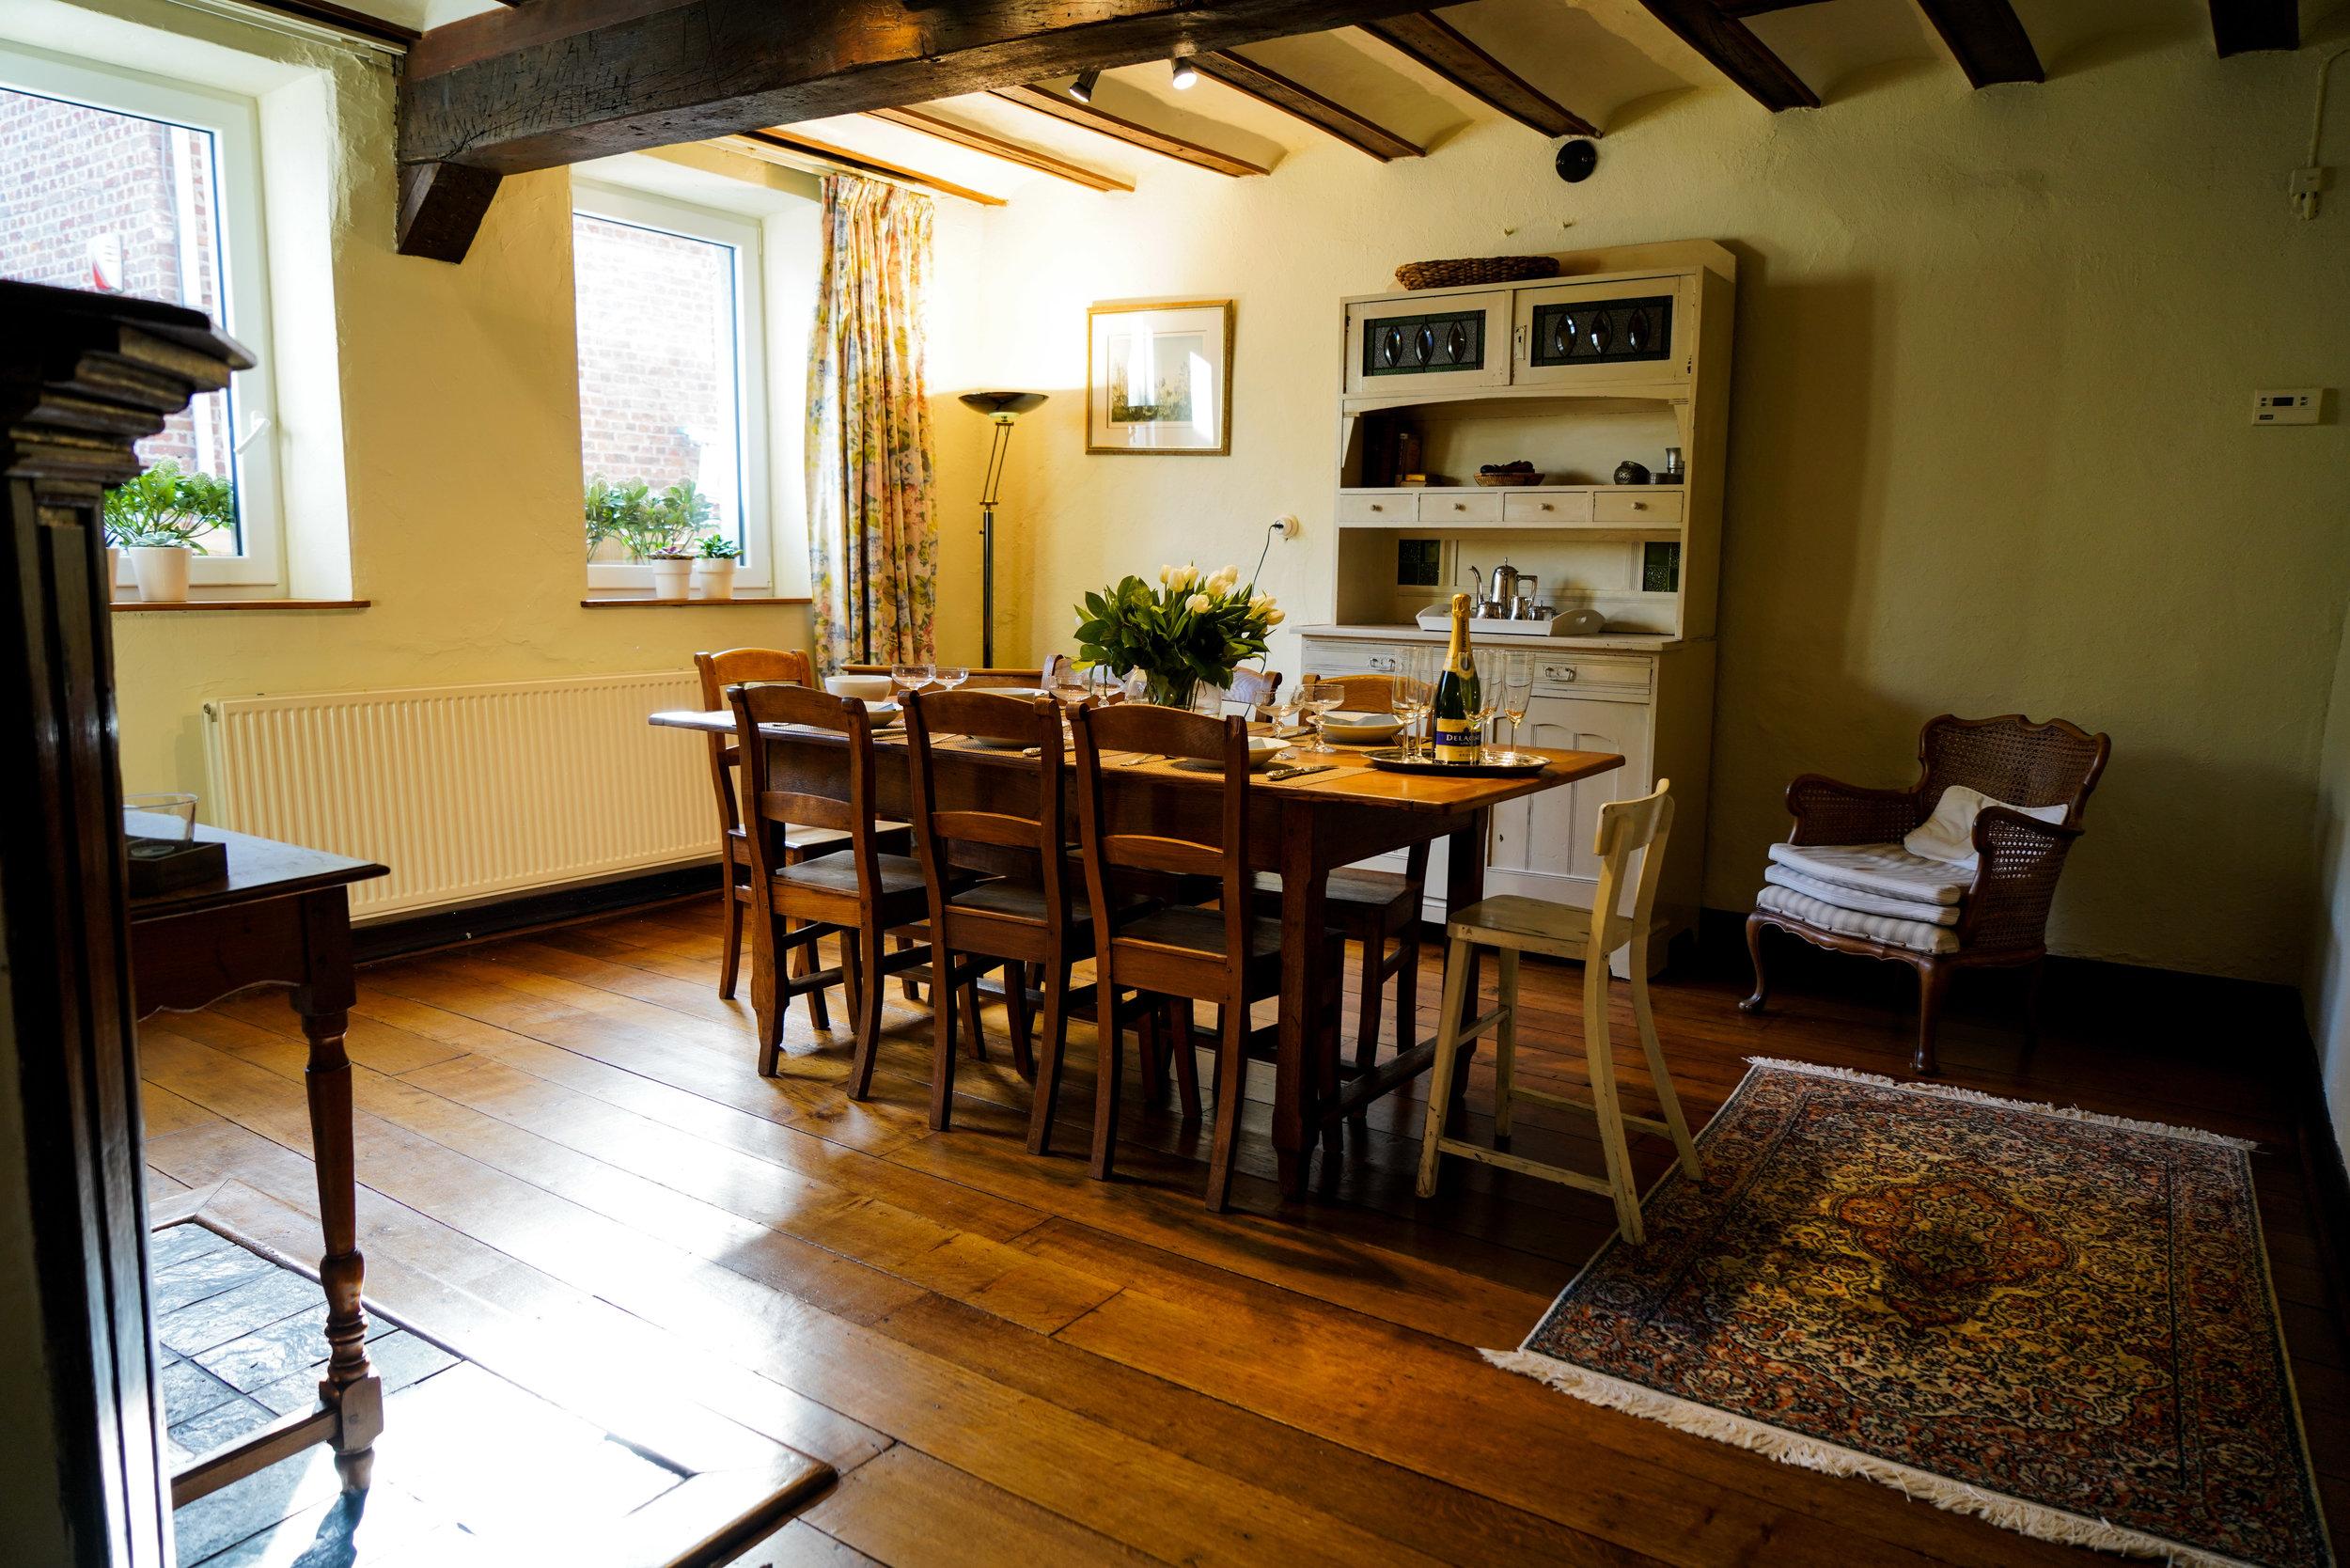 Salle à manger - Pour partager un repas en famille ou entre amis.